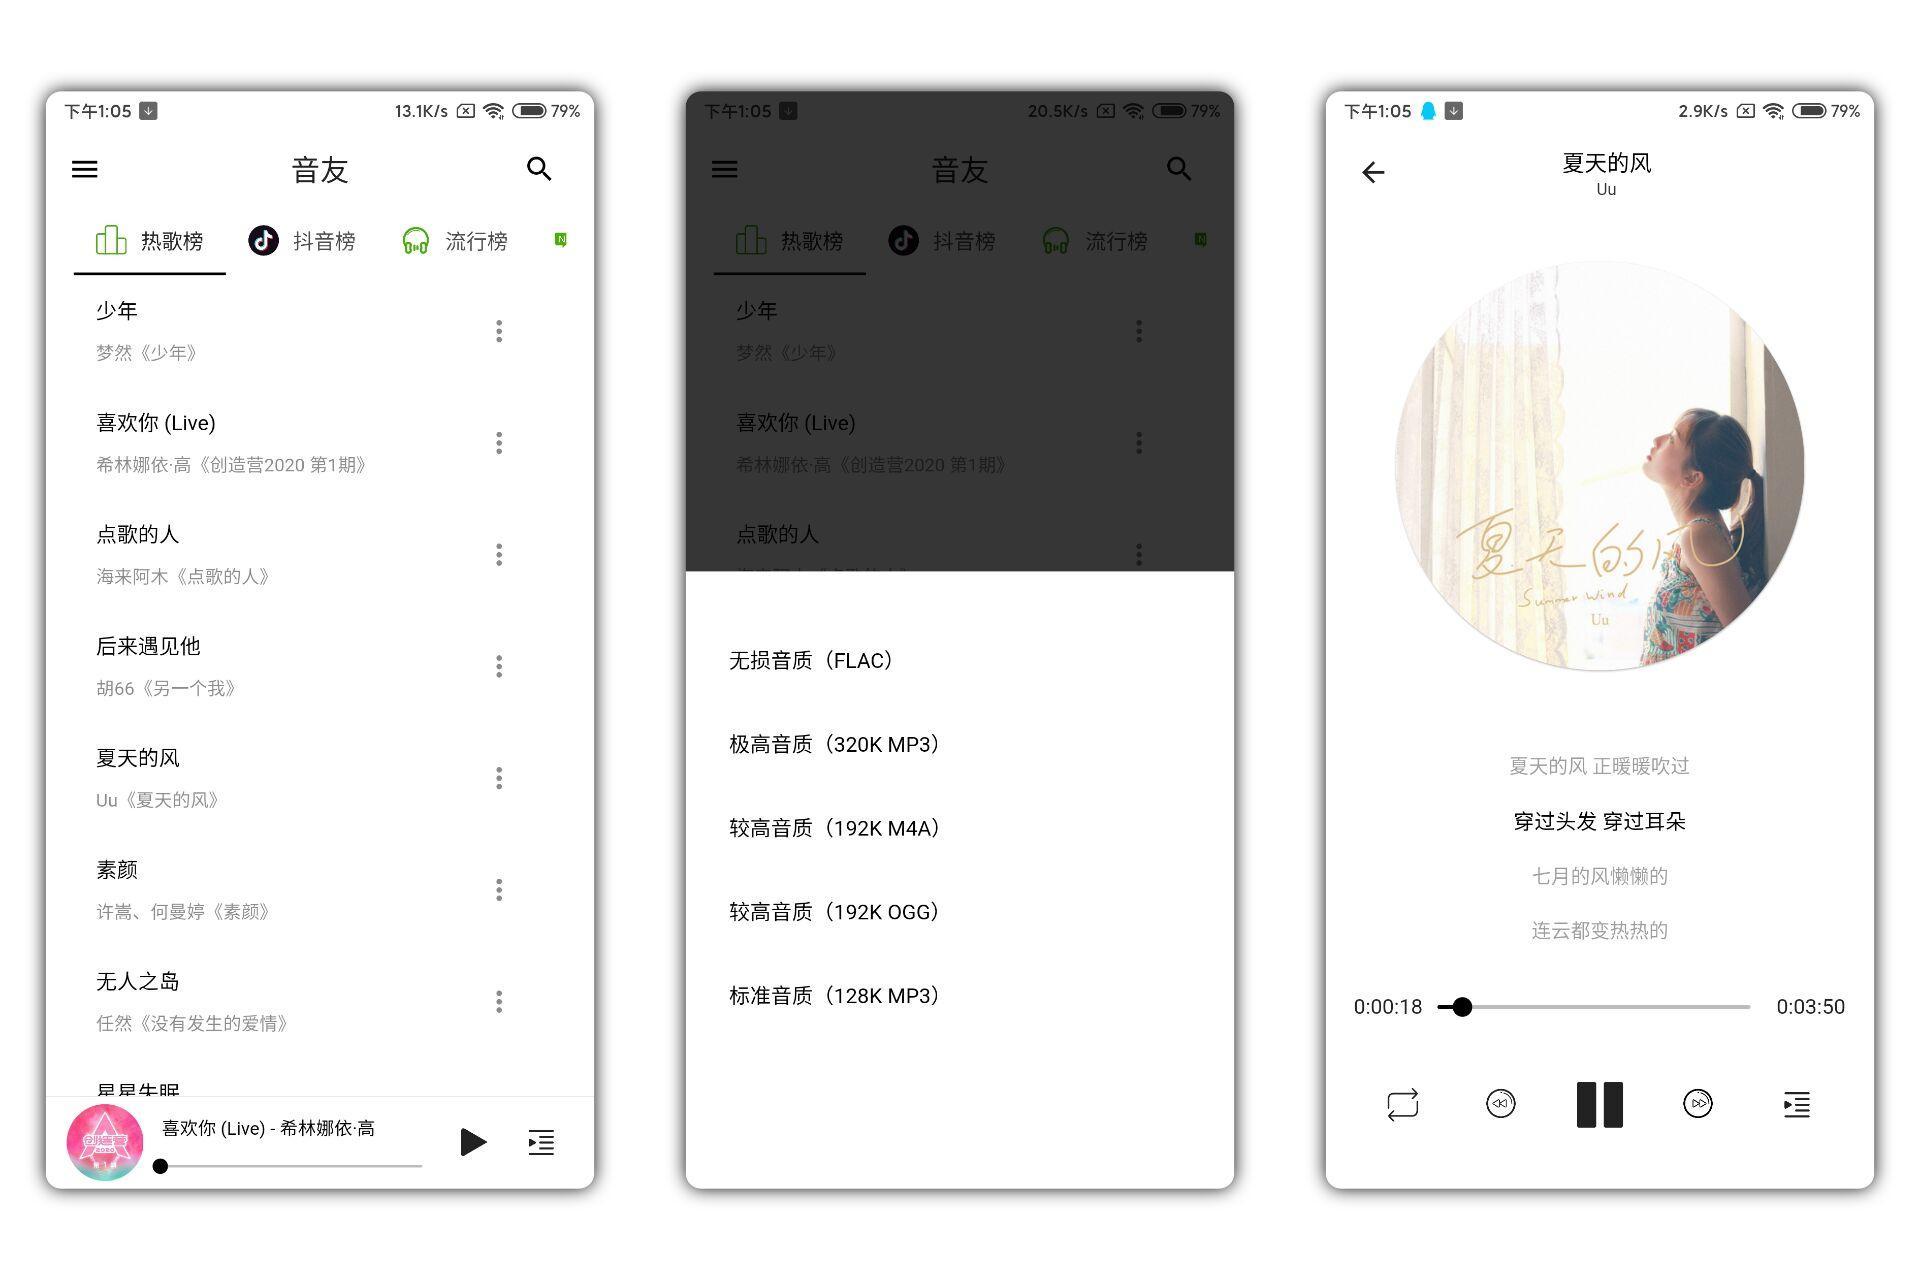 【音友】万能音乐下载软件 免费下载无损音乐 支持所有平台,第2张